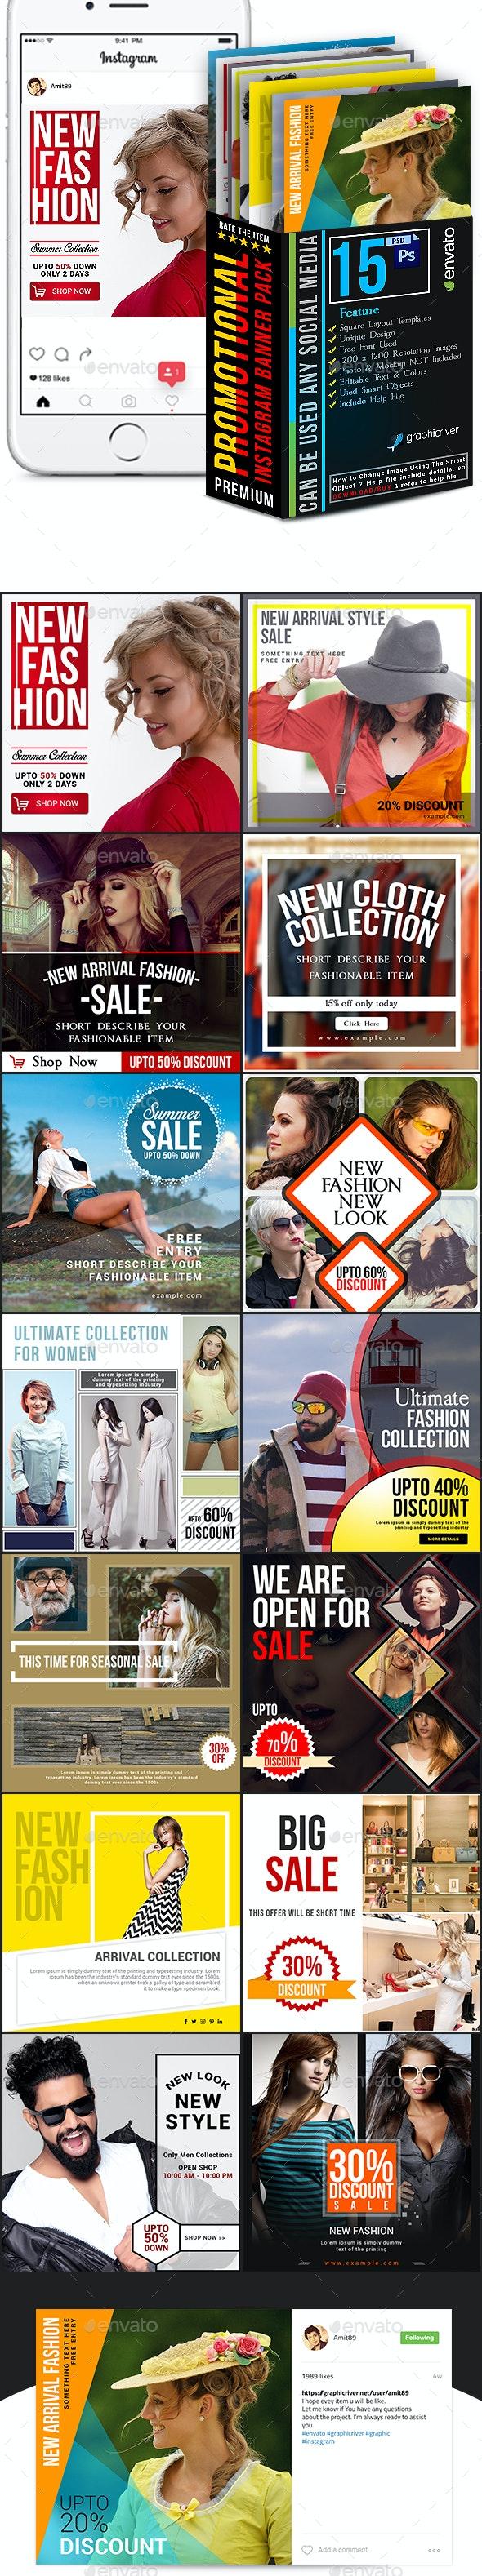 Promotional Instagram Banner Pack - Social Media Web Elements